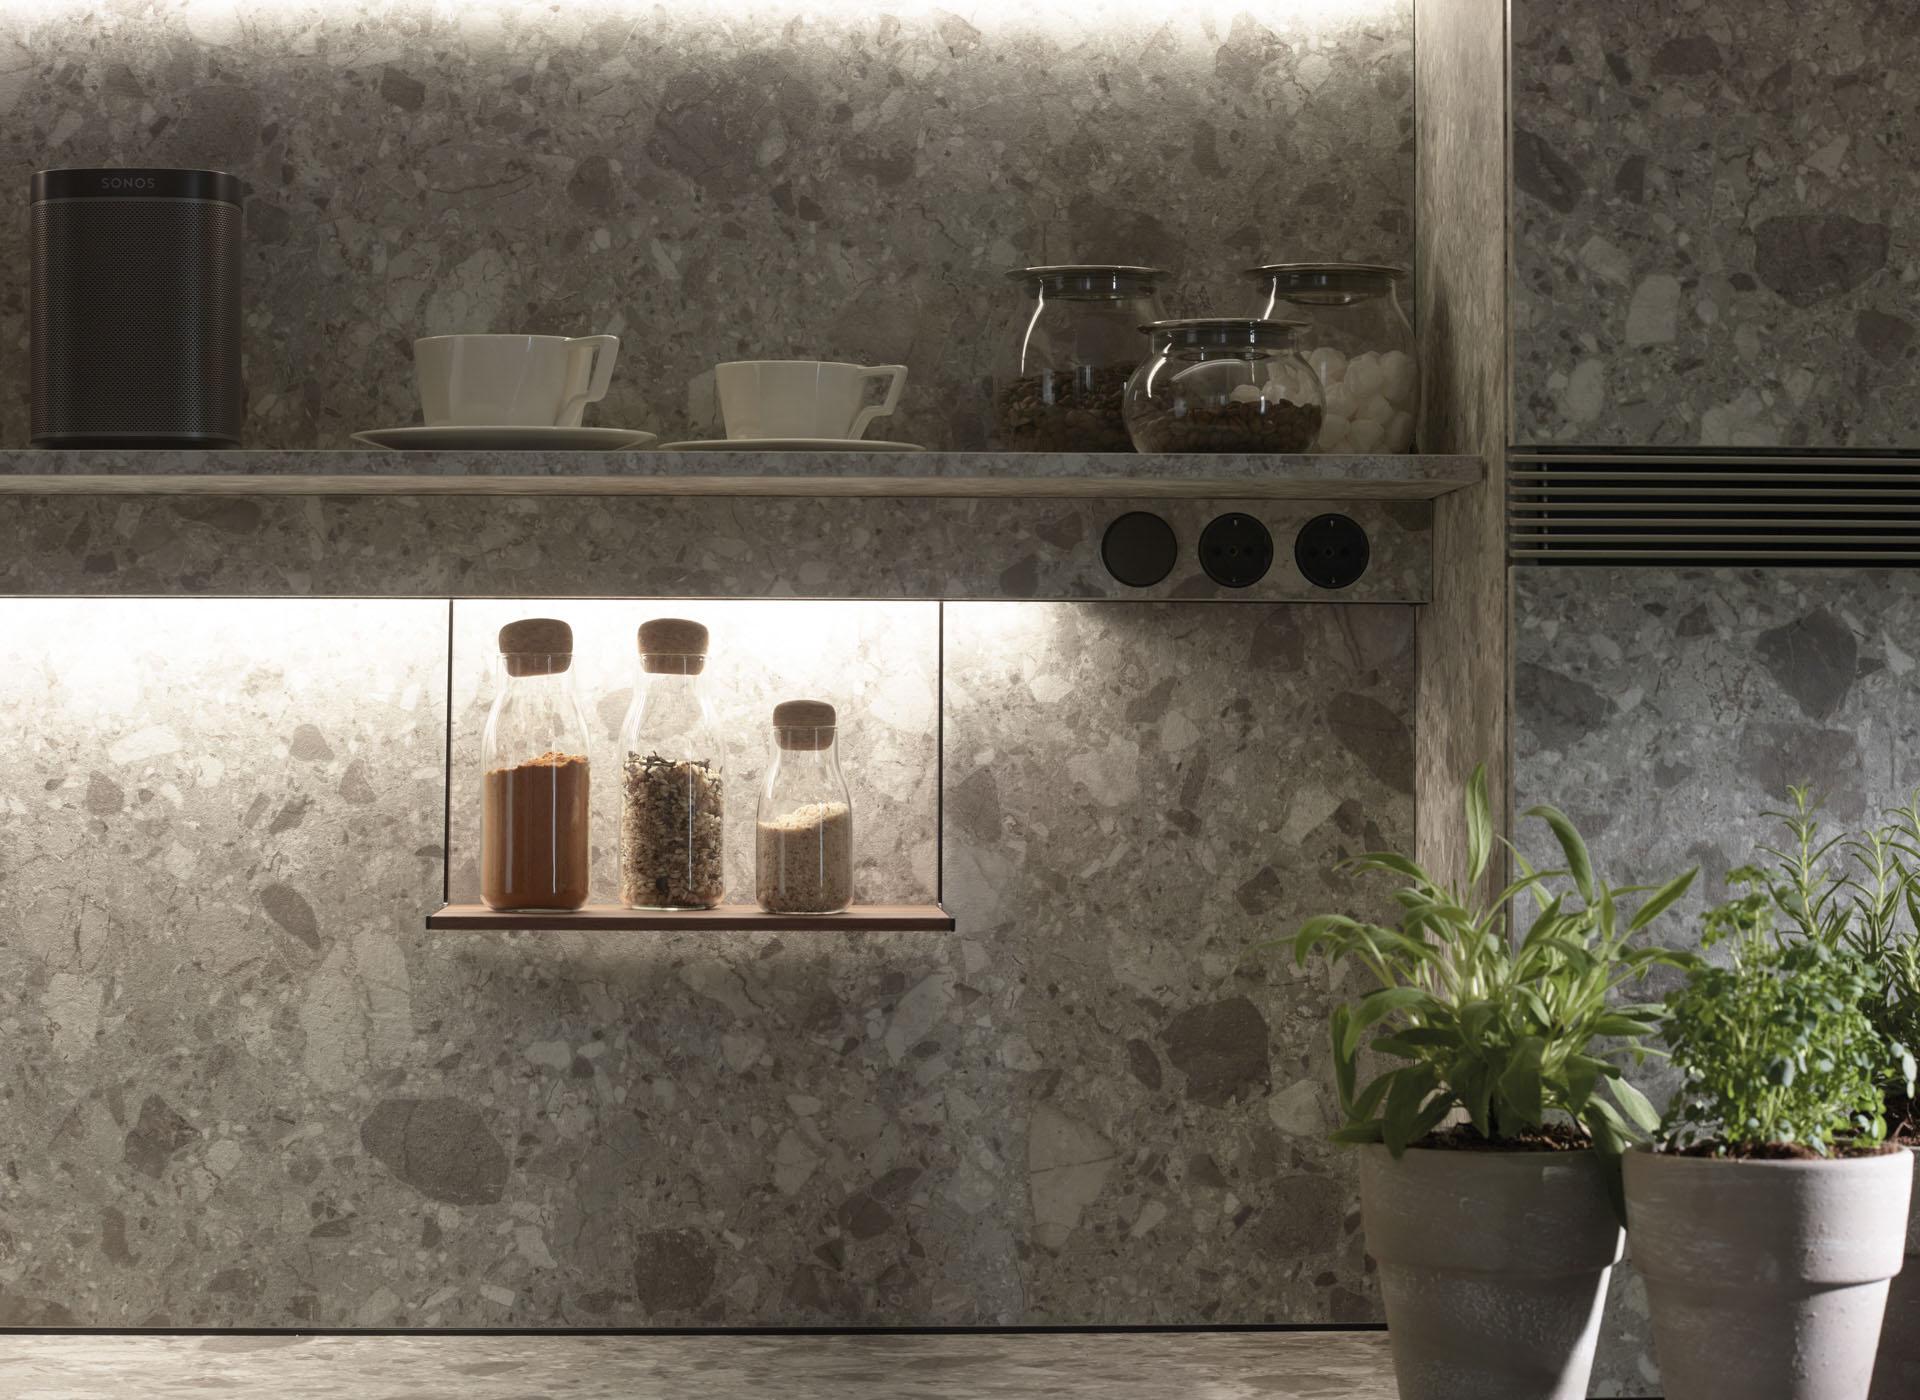 estante-multiusos-de-nogal-en-cocina-lineal